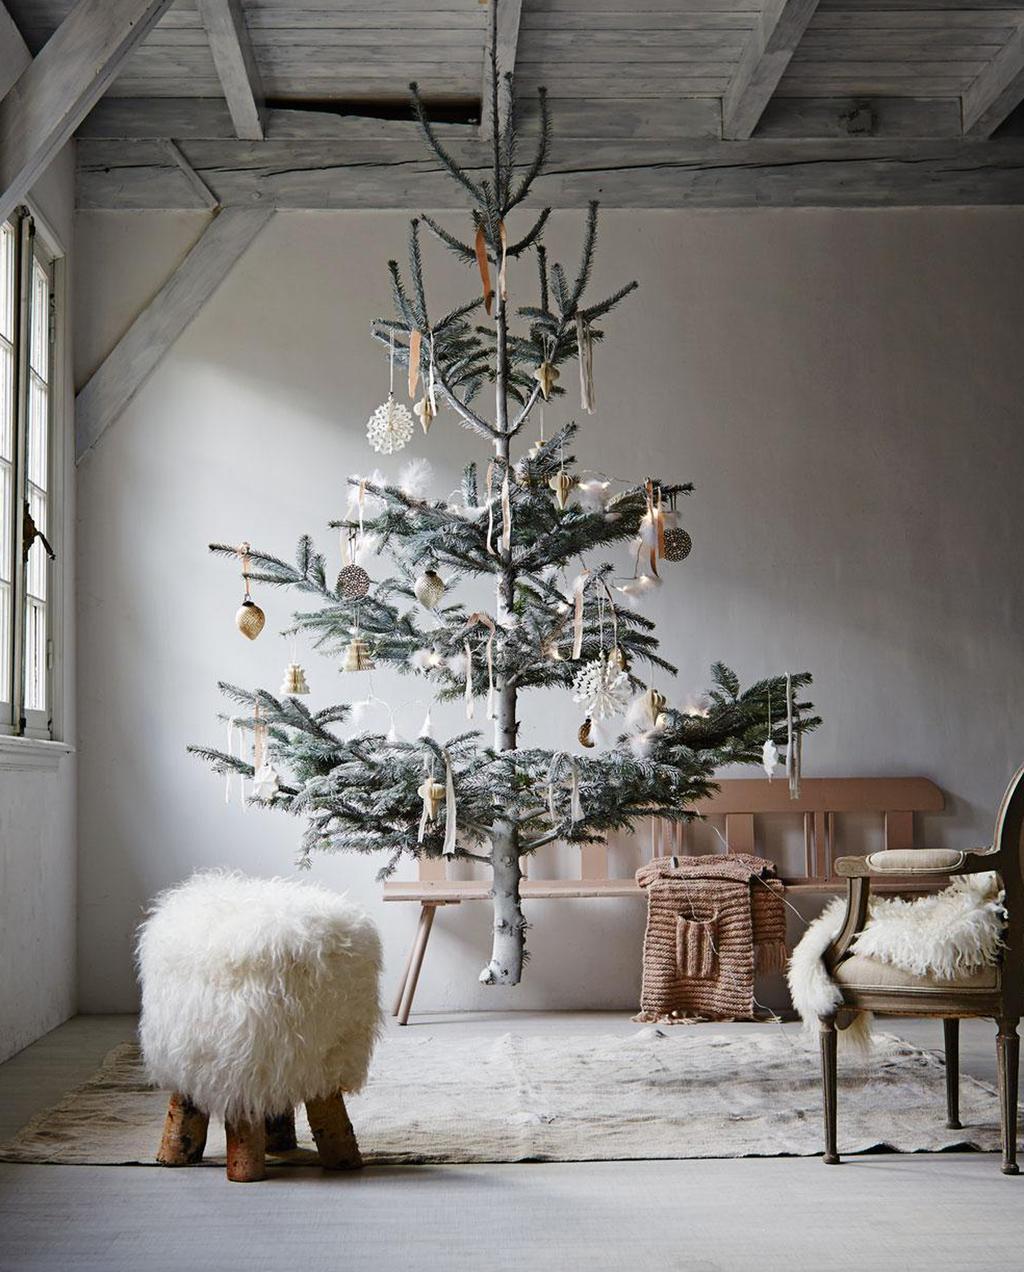 Interieur Ideeen Voor Kerst.Kerst Decoratie De Beste Ideeen Voor Een Sfeervol Huis Vtwonen